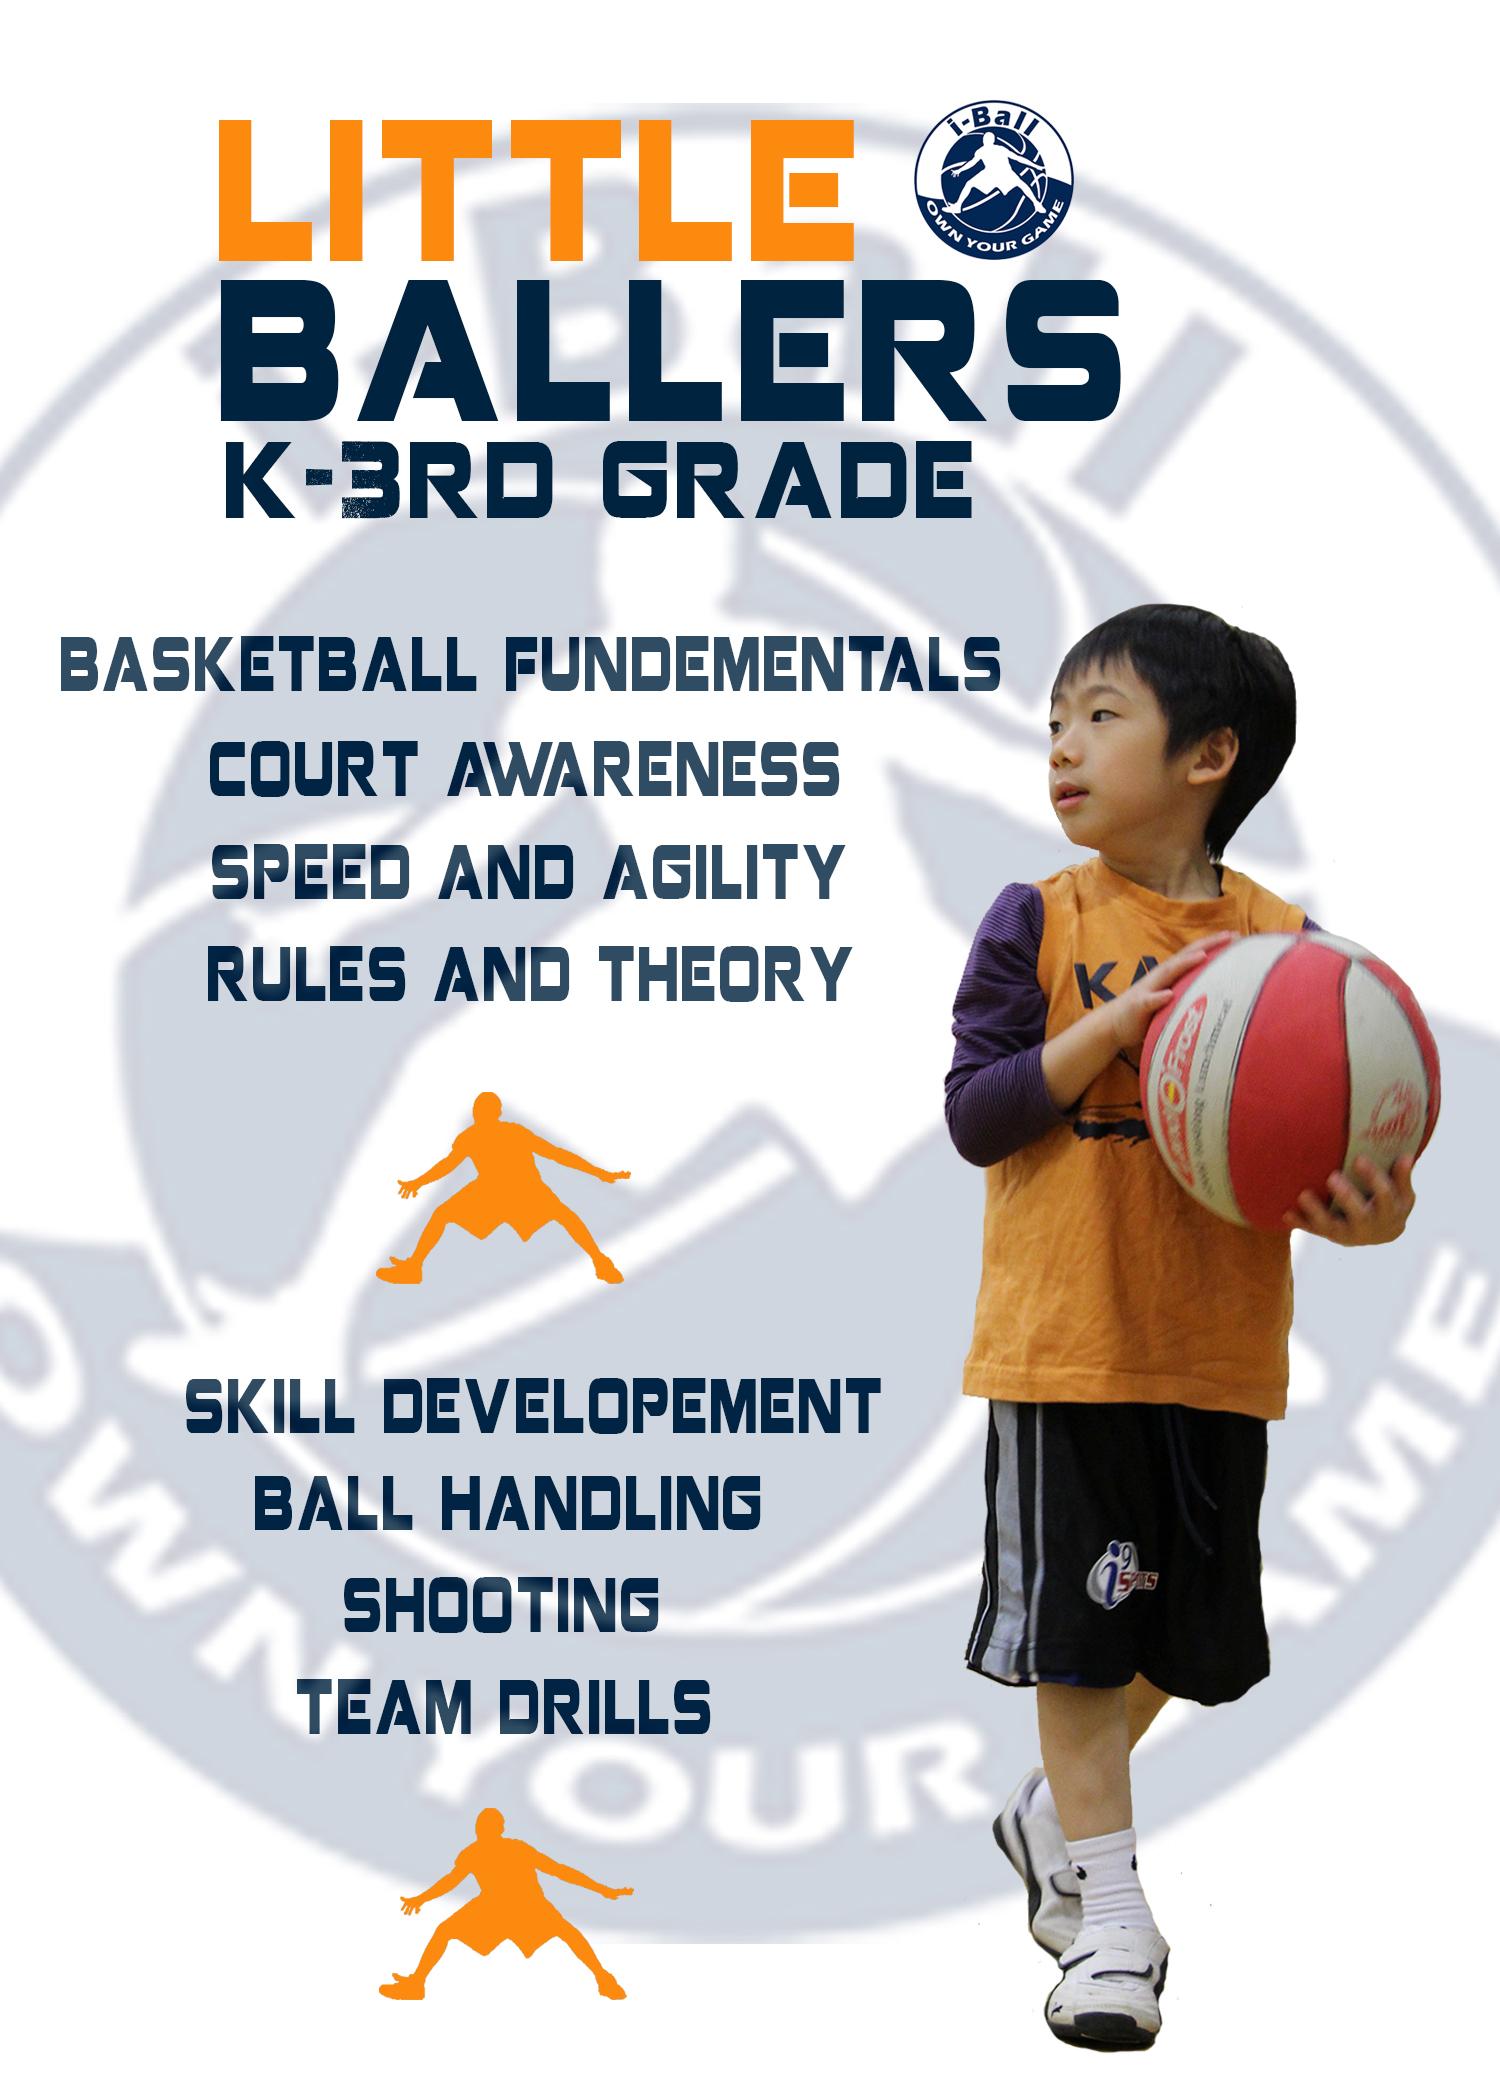 Little Ballers Basketball Program for Kids - Little